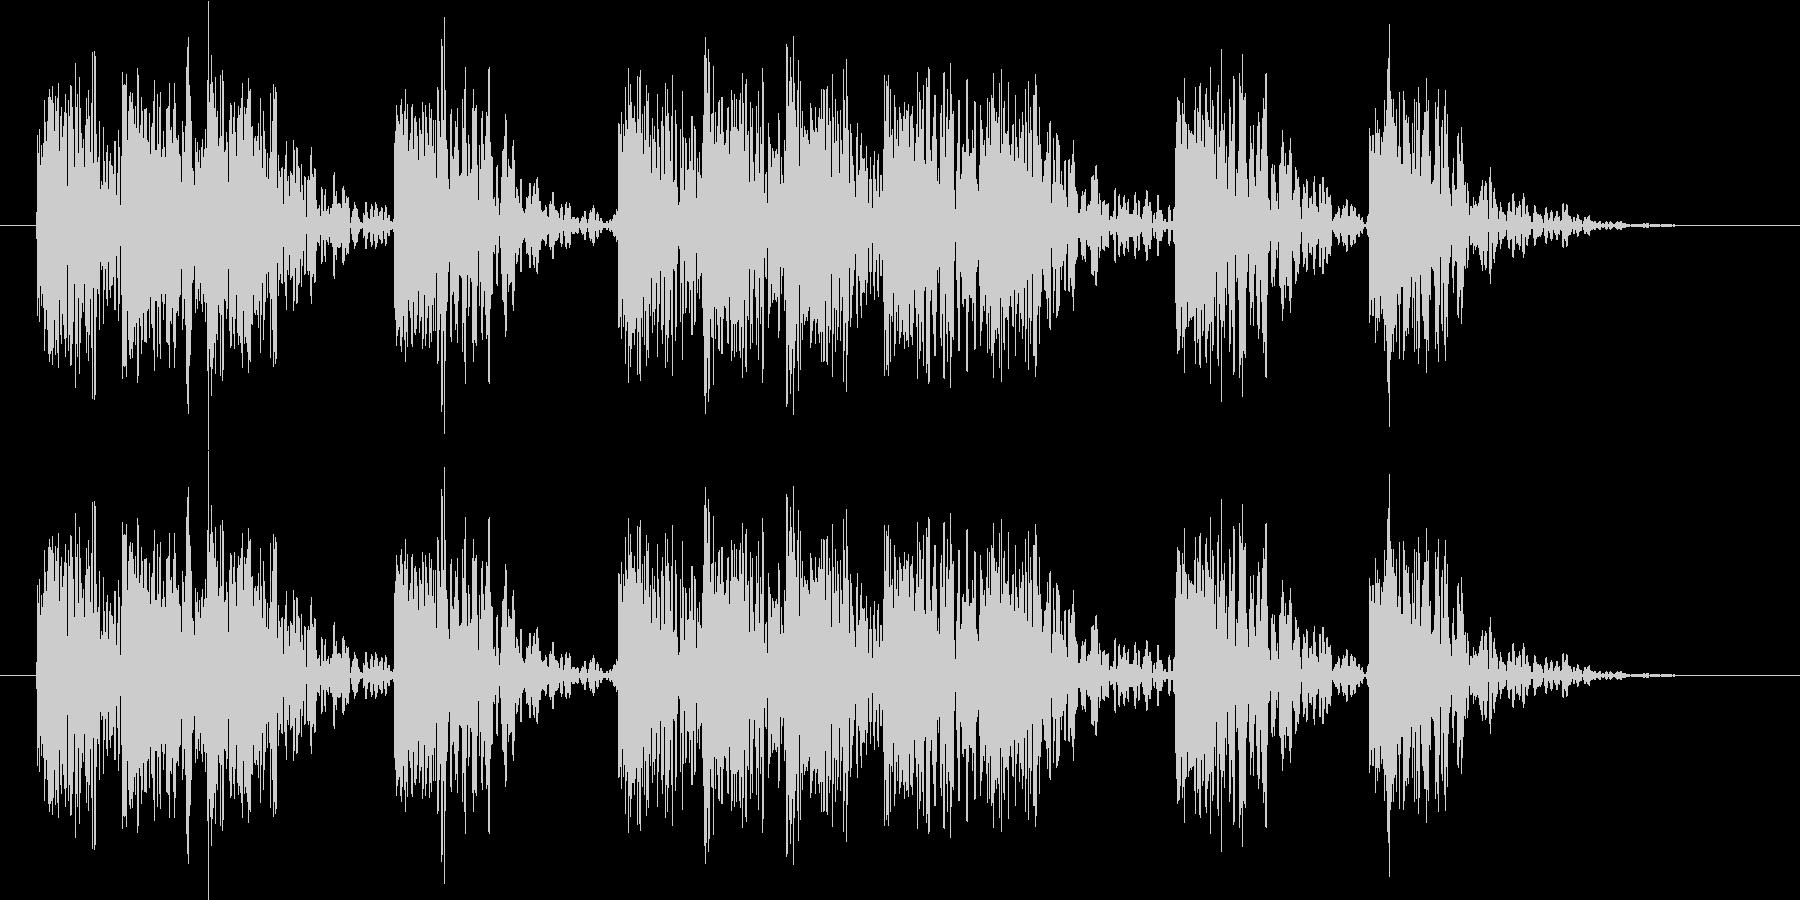 【エレキギター】ザクザク ブラッシング音の未再生の波形